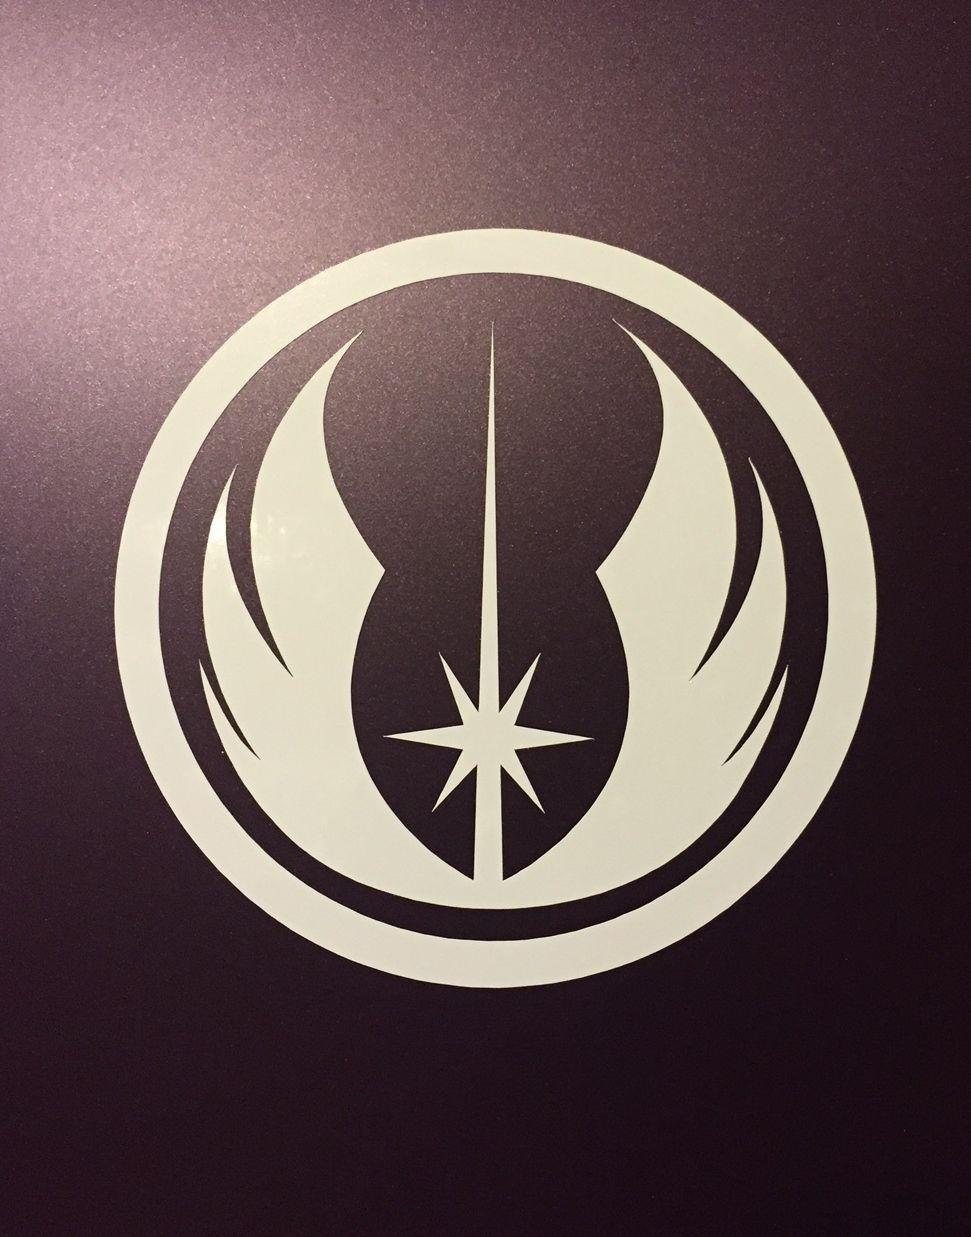 1 2 Jedi Order Logo Vinyl Decal Sticker Star Wars White Silver Black 1 2 3 4 Ebay Home Garden Vinyl Decals Vinyl Decal Stickers Jedi Order